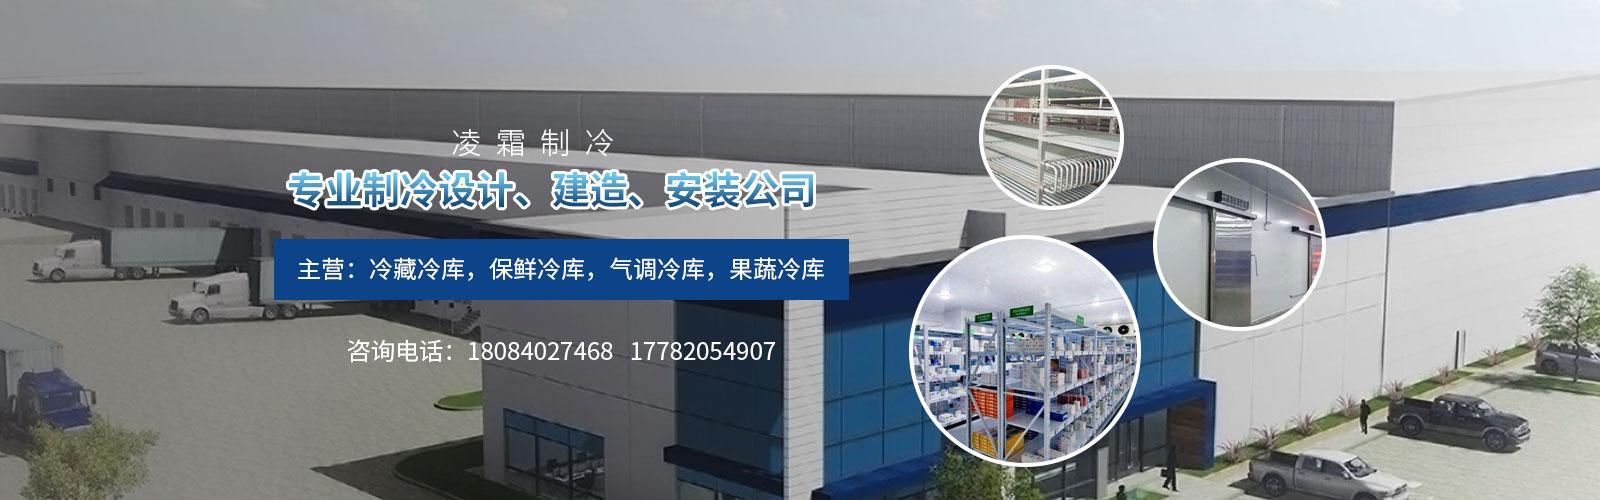 贵州冷库建造公司